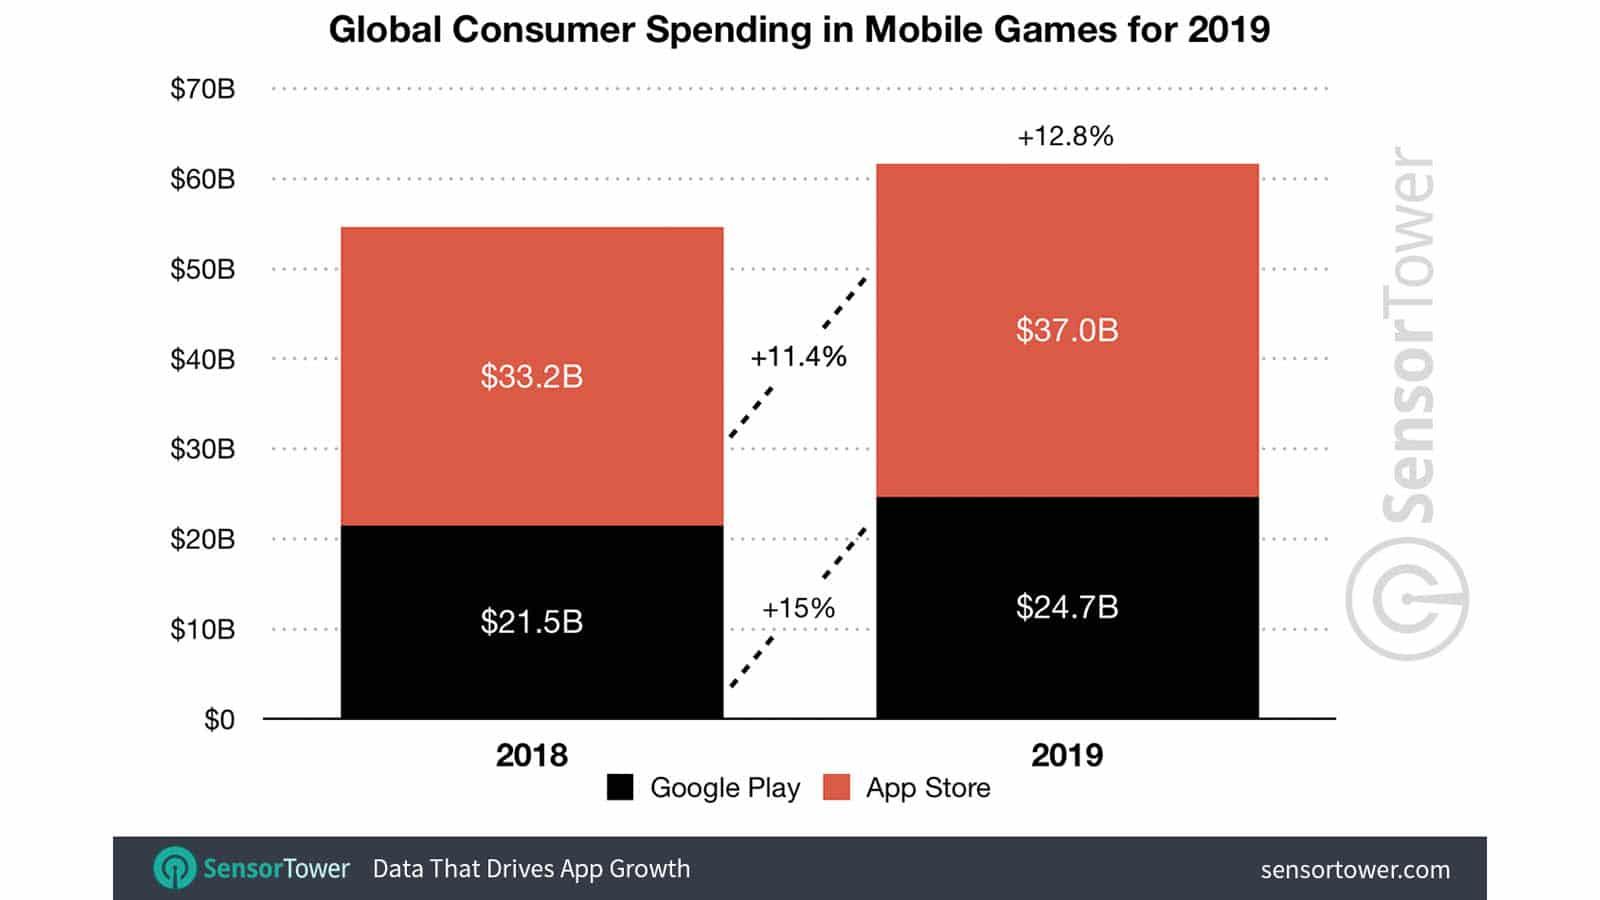 sensor tower mobile game stats 2019